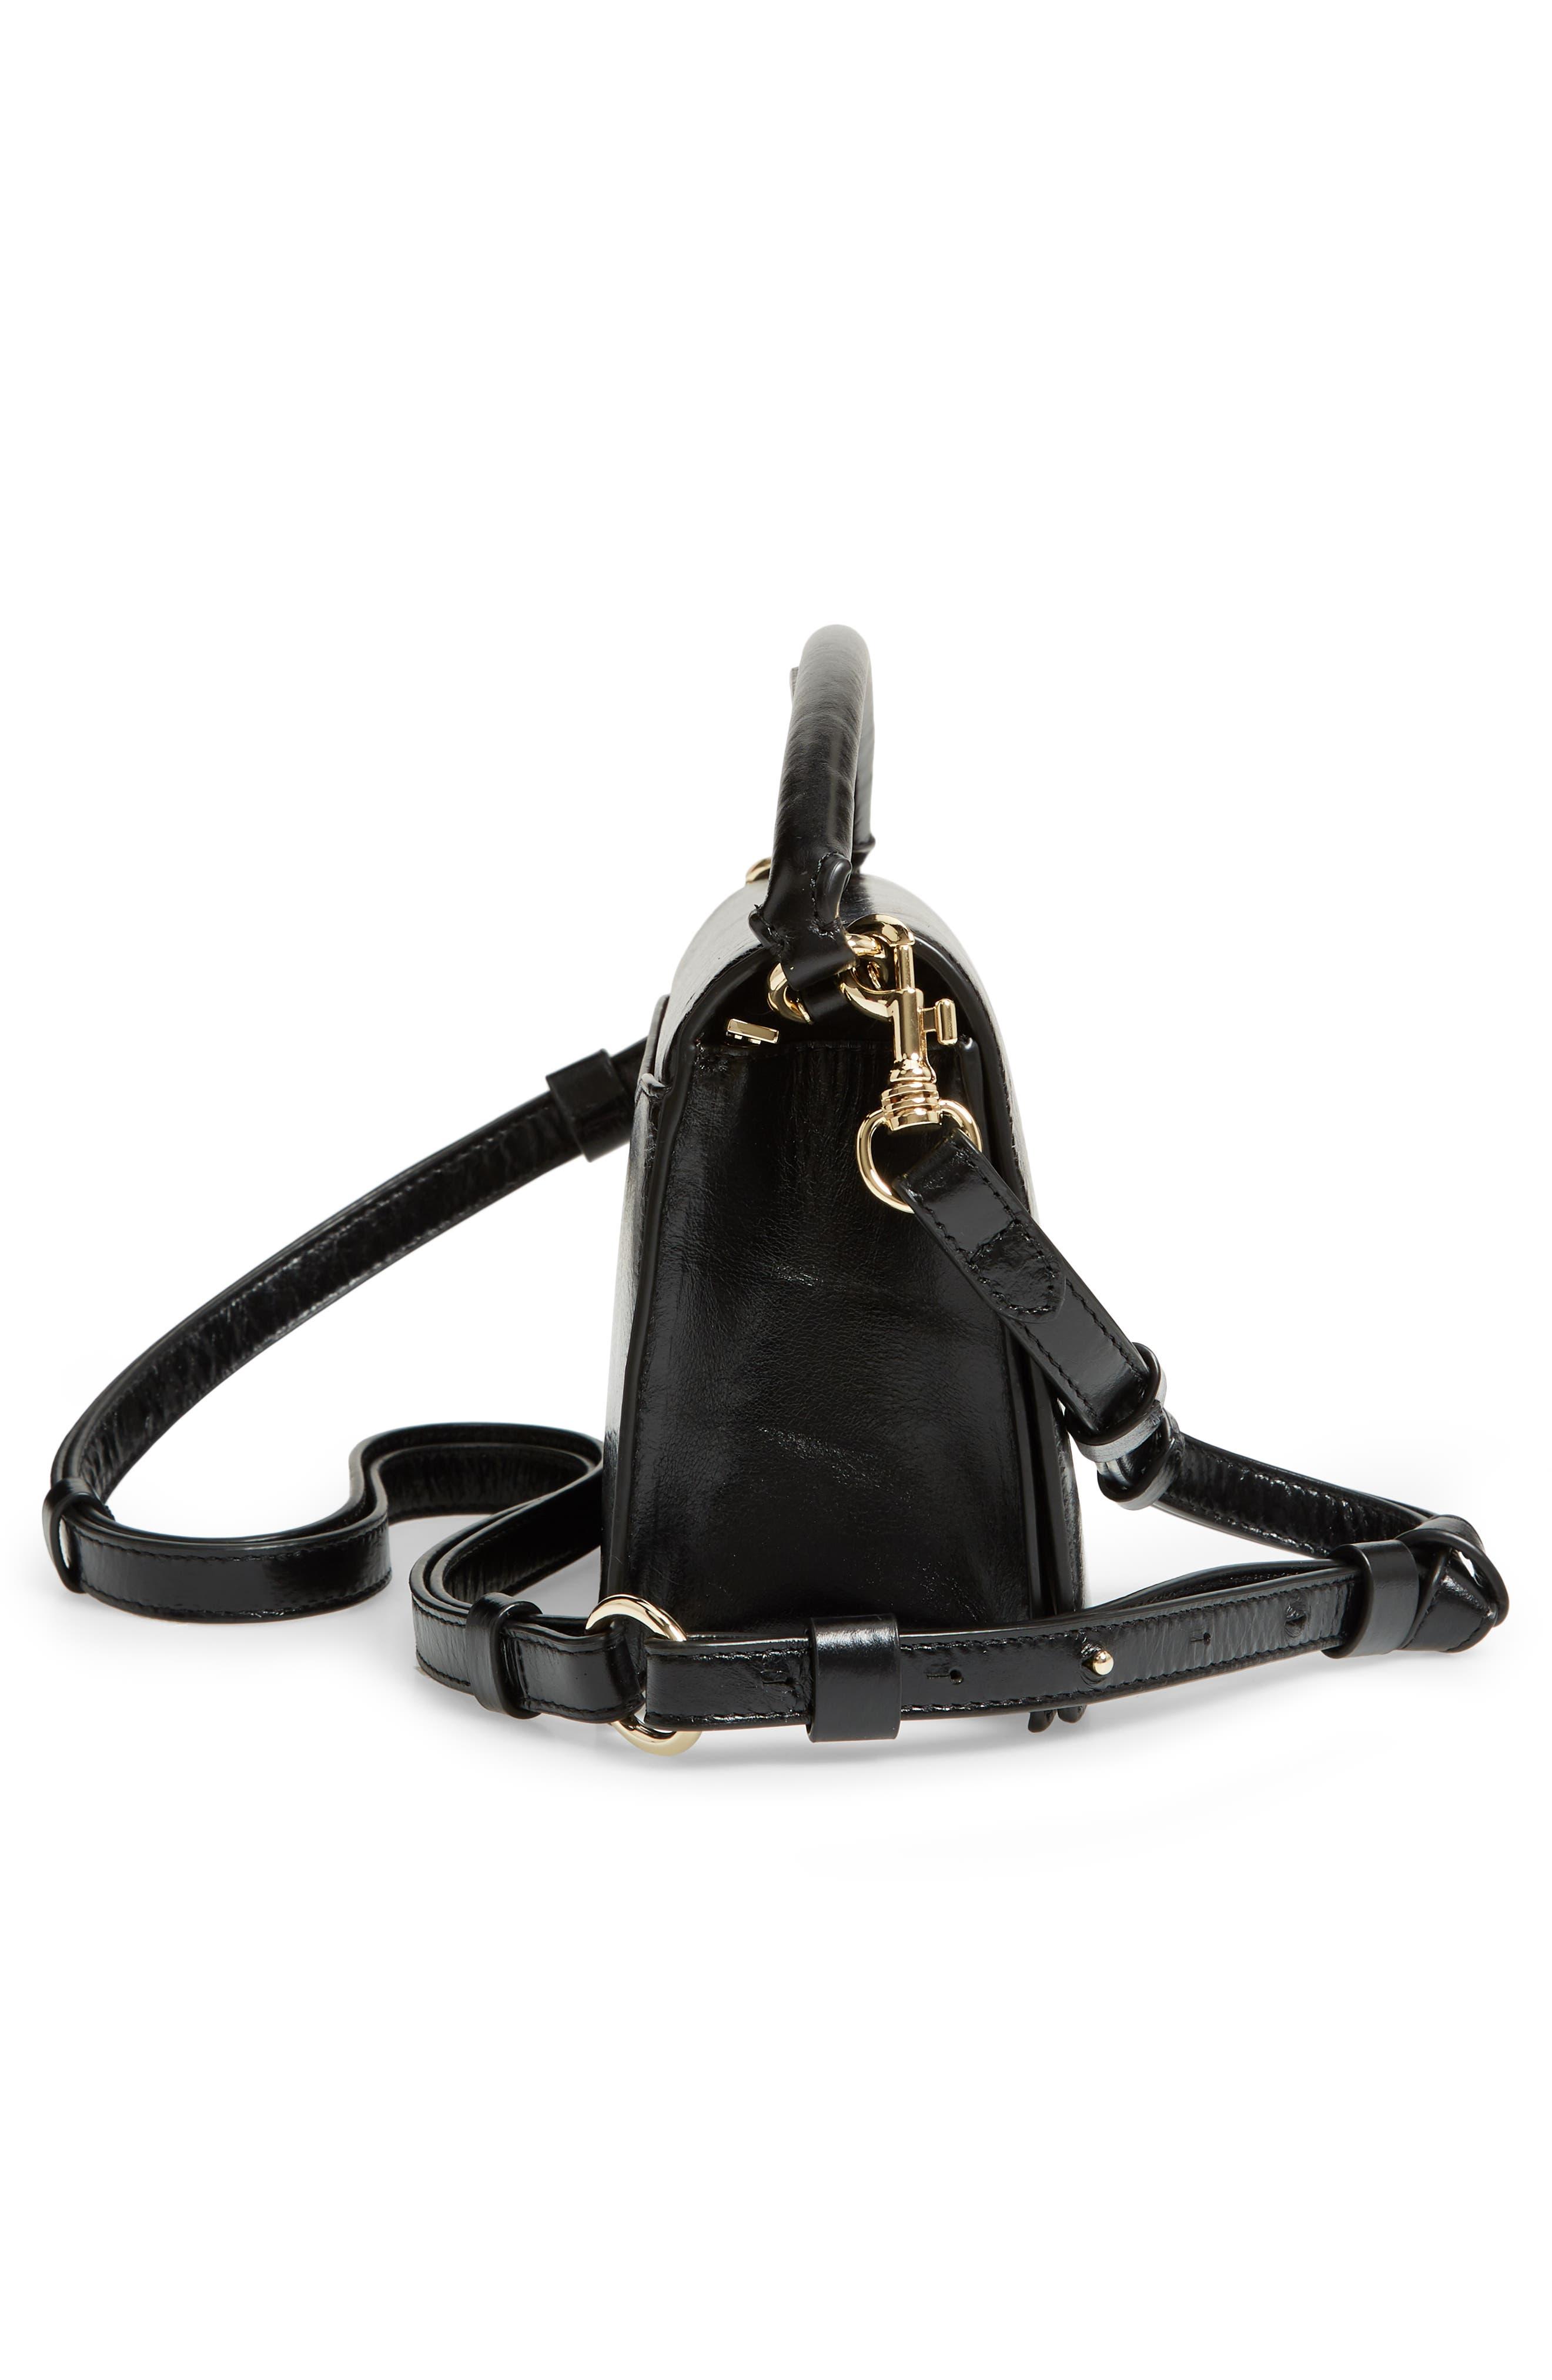 DVF Bonne Soirée Leather Top Handle Bag,                             Alternate thumbnail 5, color,                             001